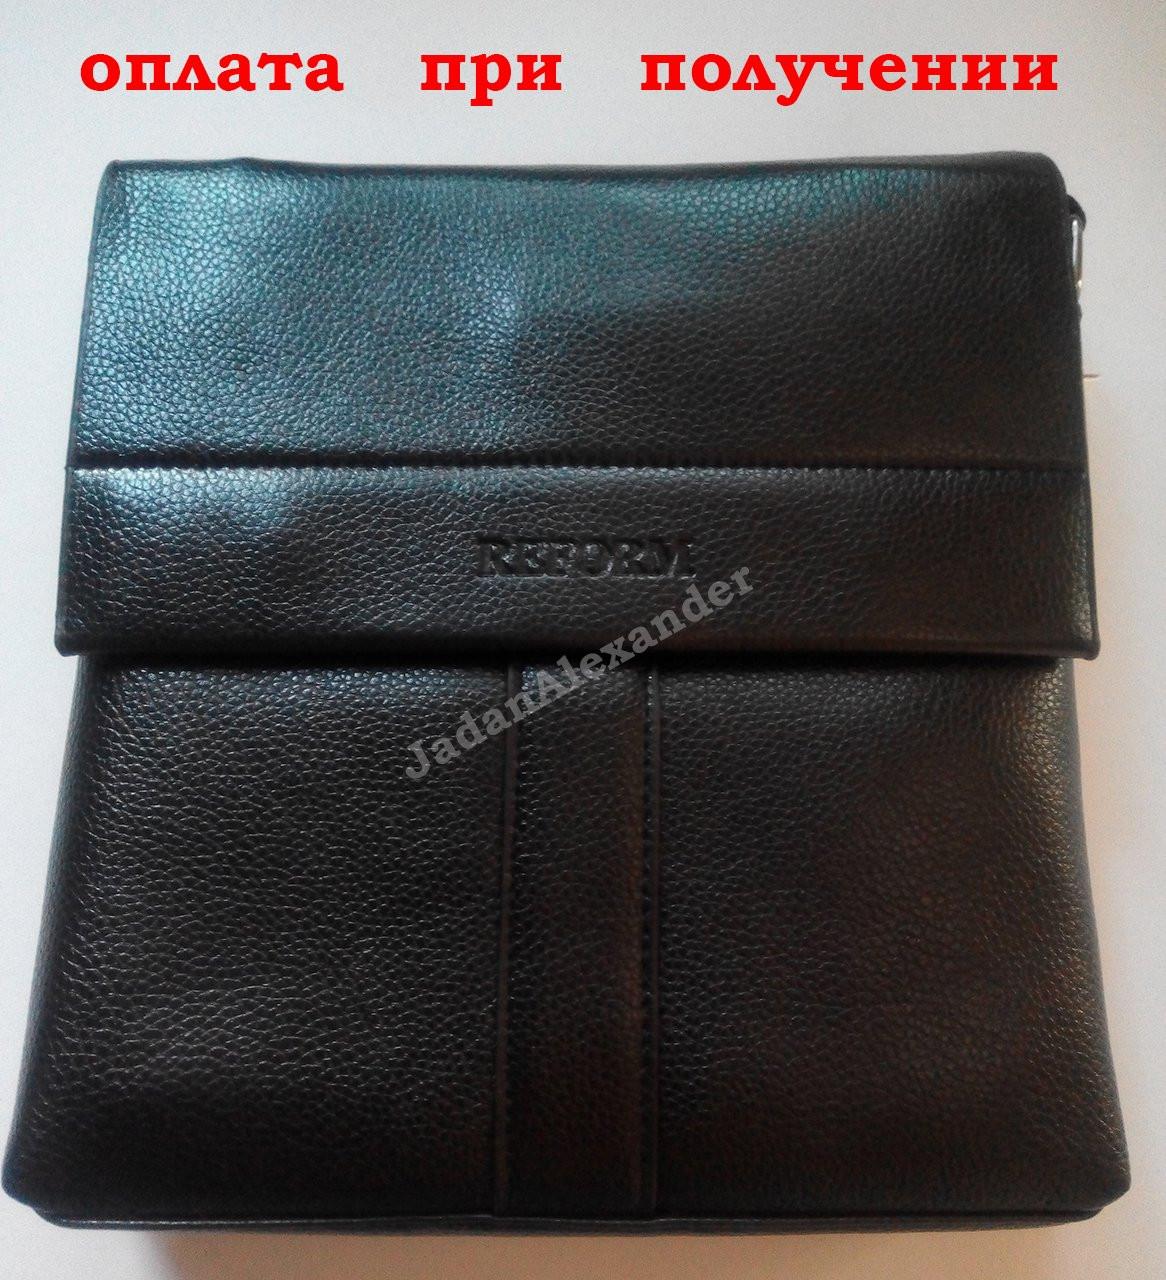 Мужская кожаная сумка бренд REFORM (7686) New!!!